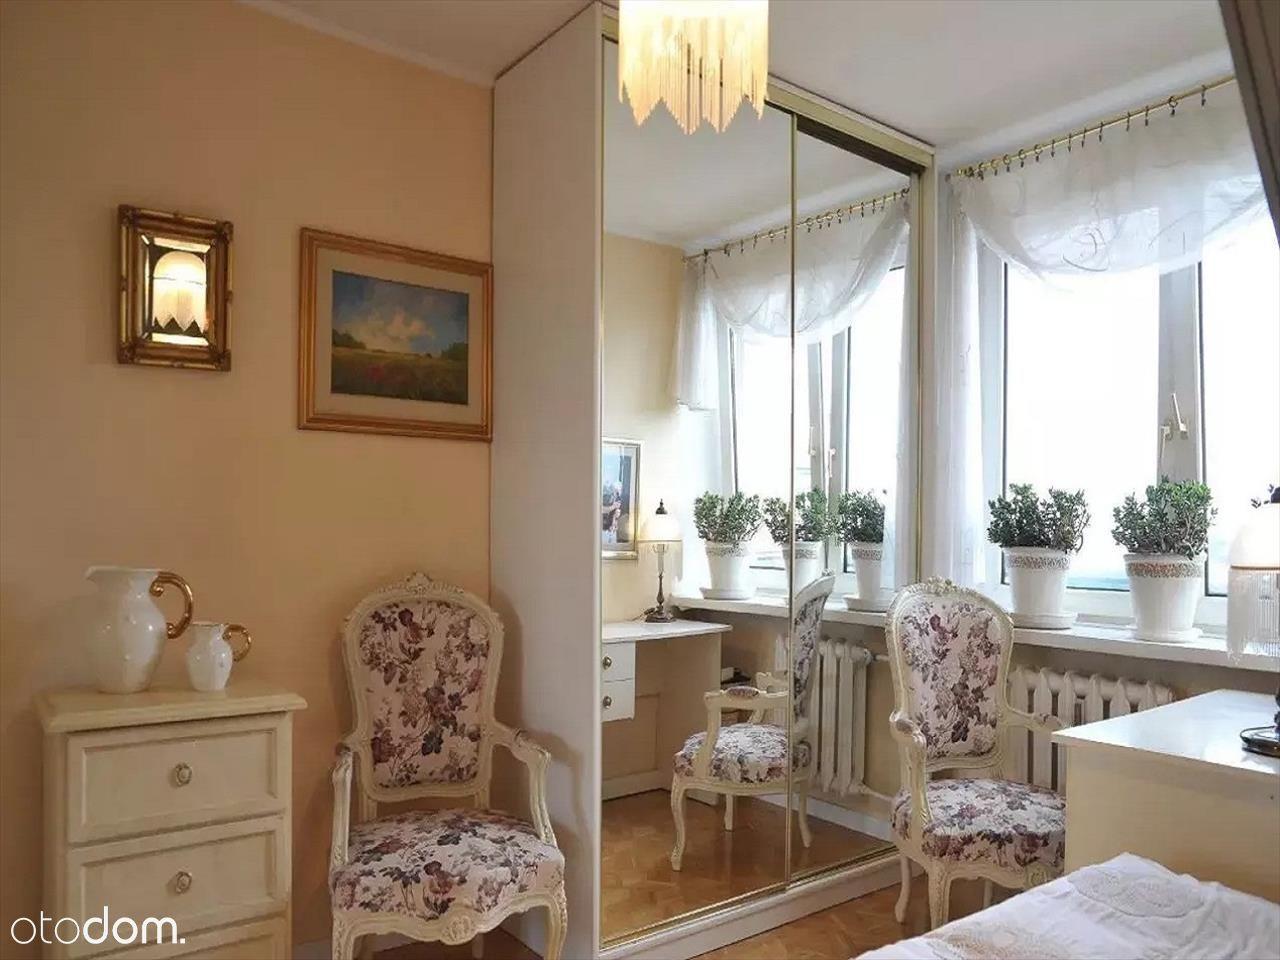 Piękne dwupoziomowe jasne mieszkanie po remoncie